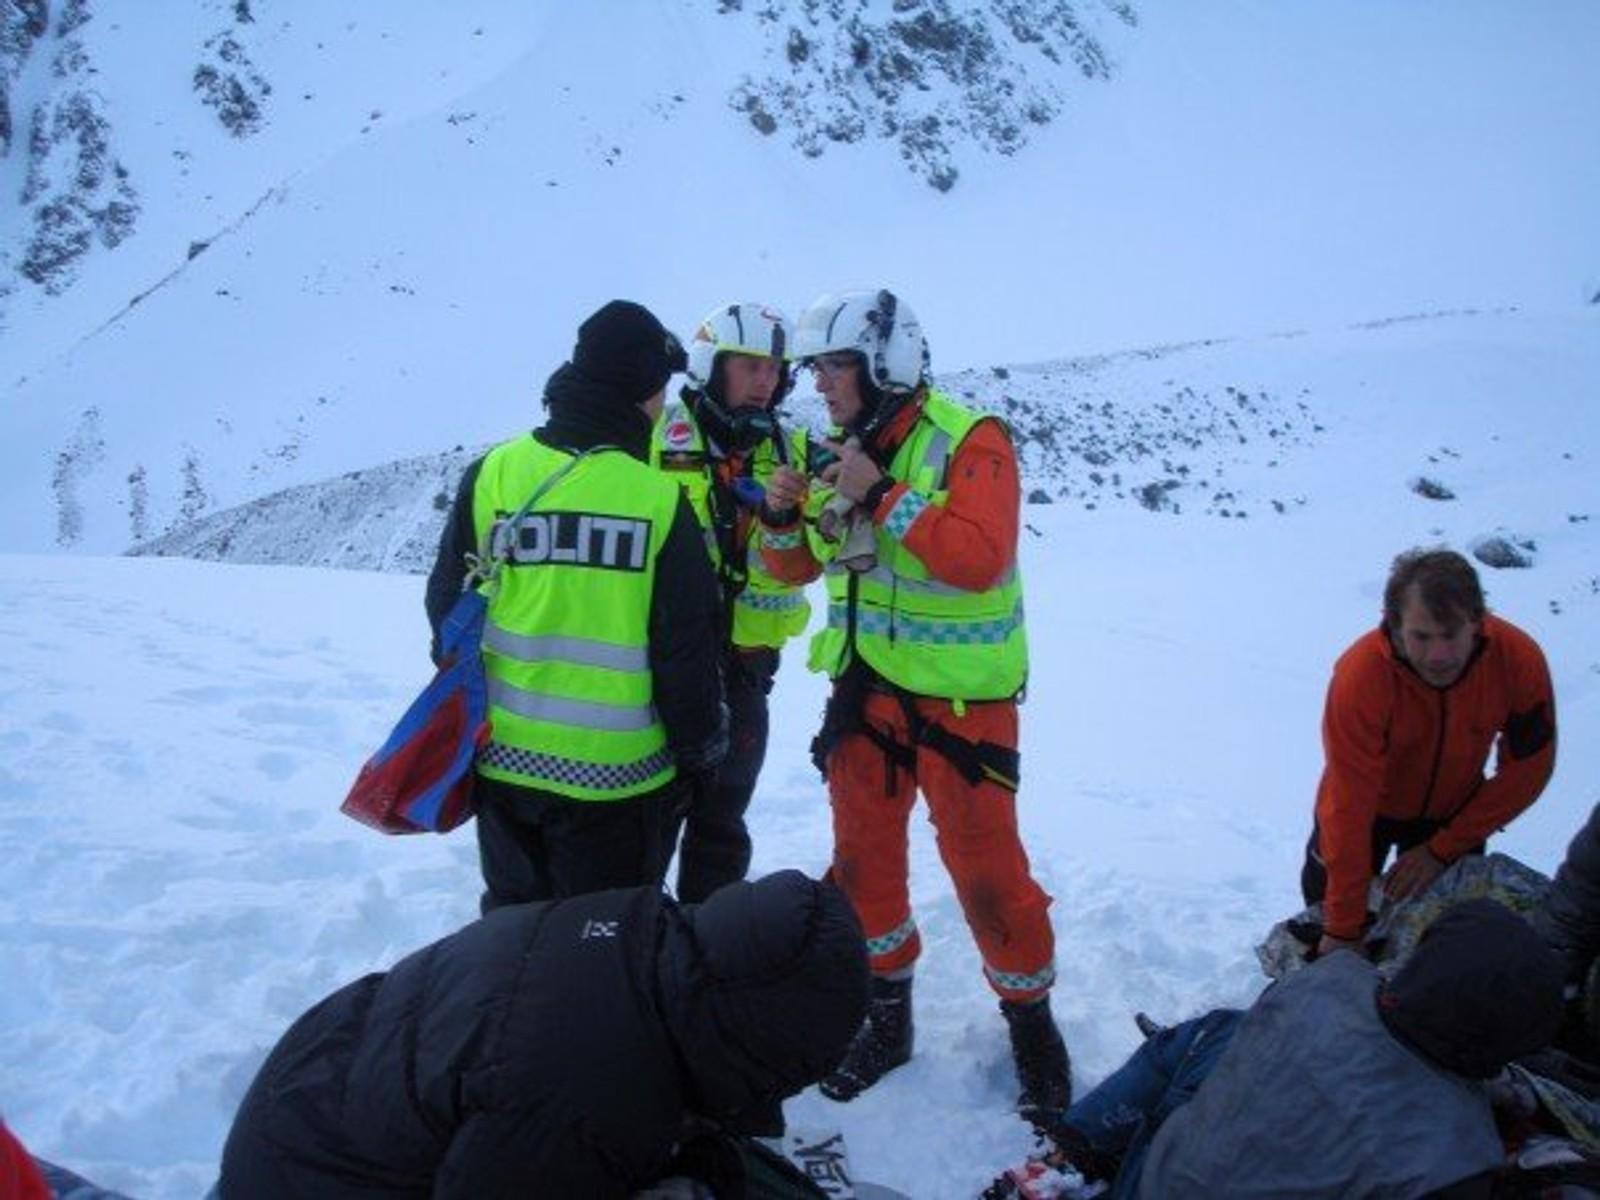 Andreas Grundvåg Nilssen lå under snøen i 17 minutter, og holdt på å miste livet. Han ble dratt 400 meter ned fjellet.